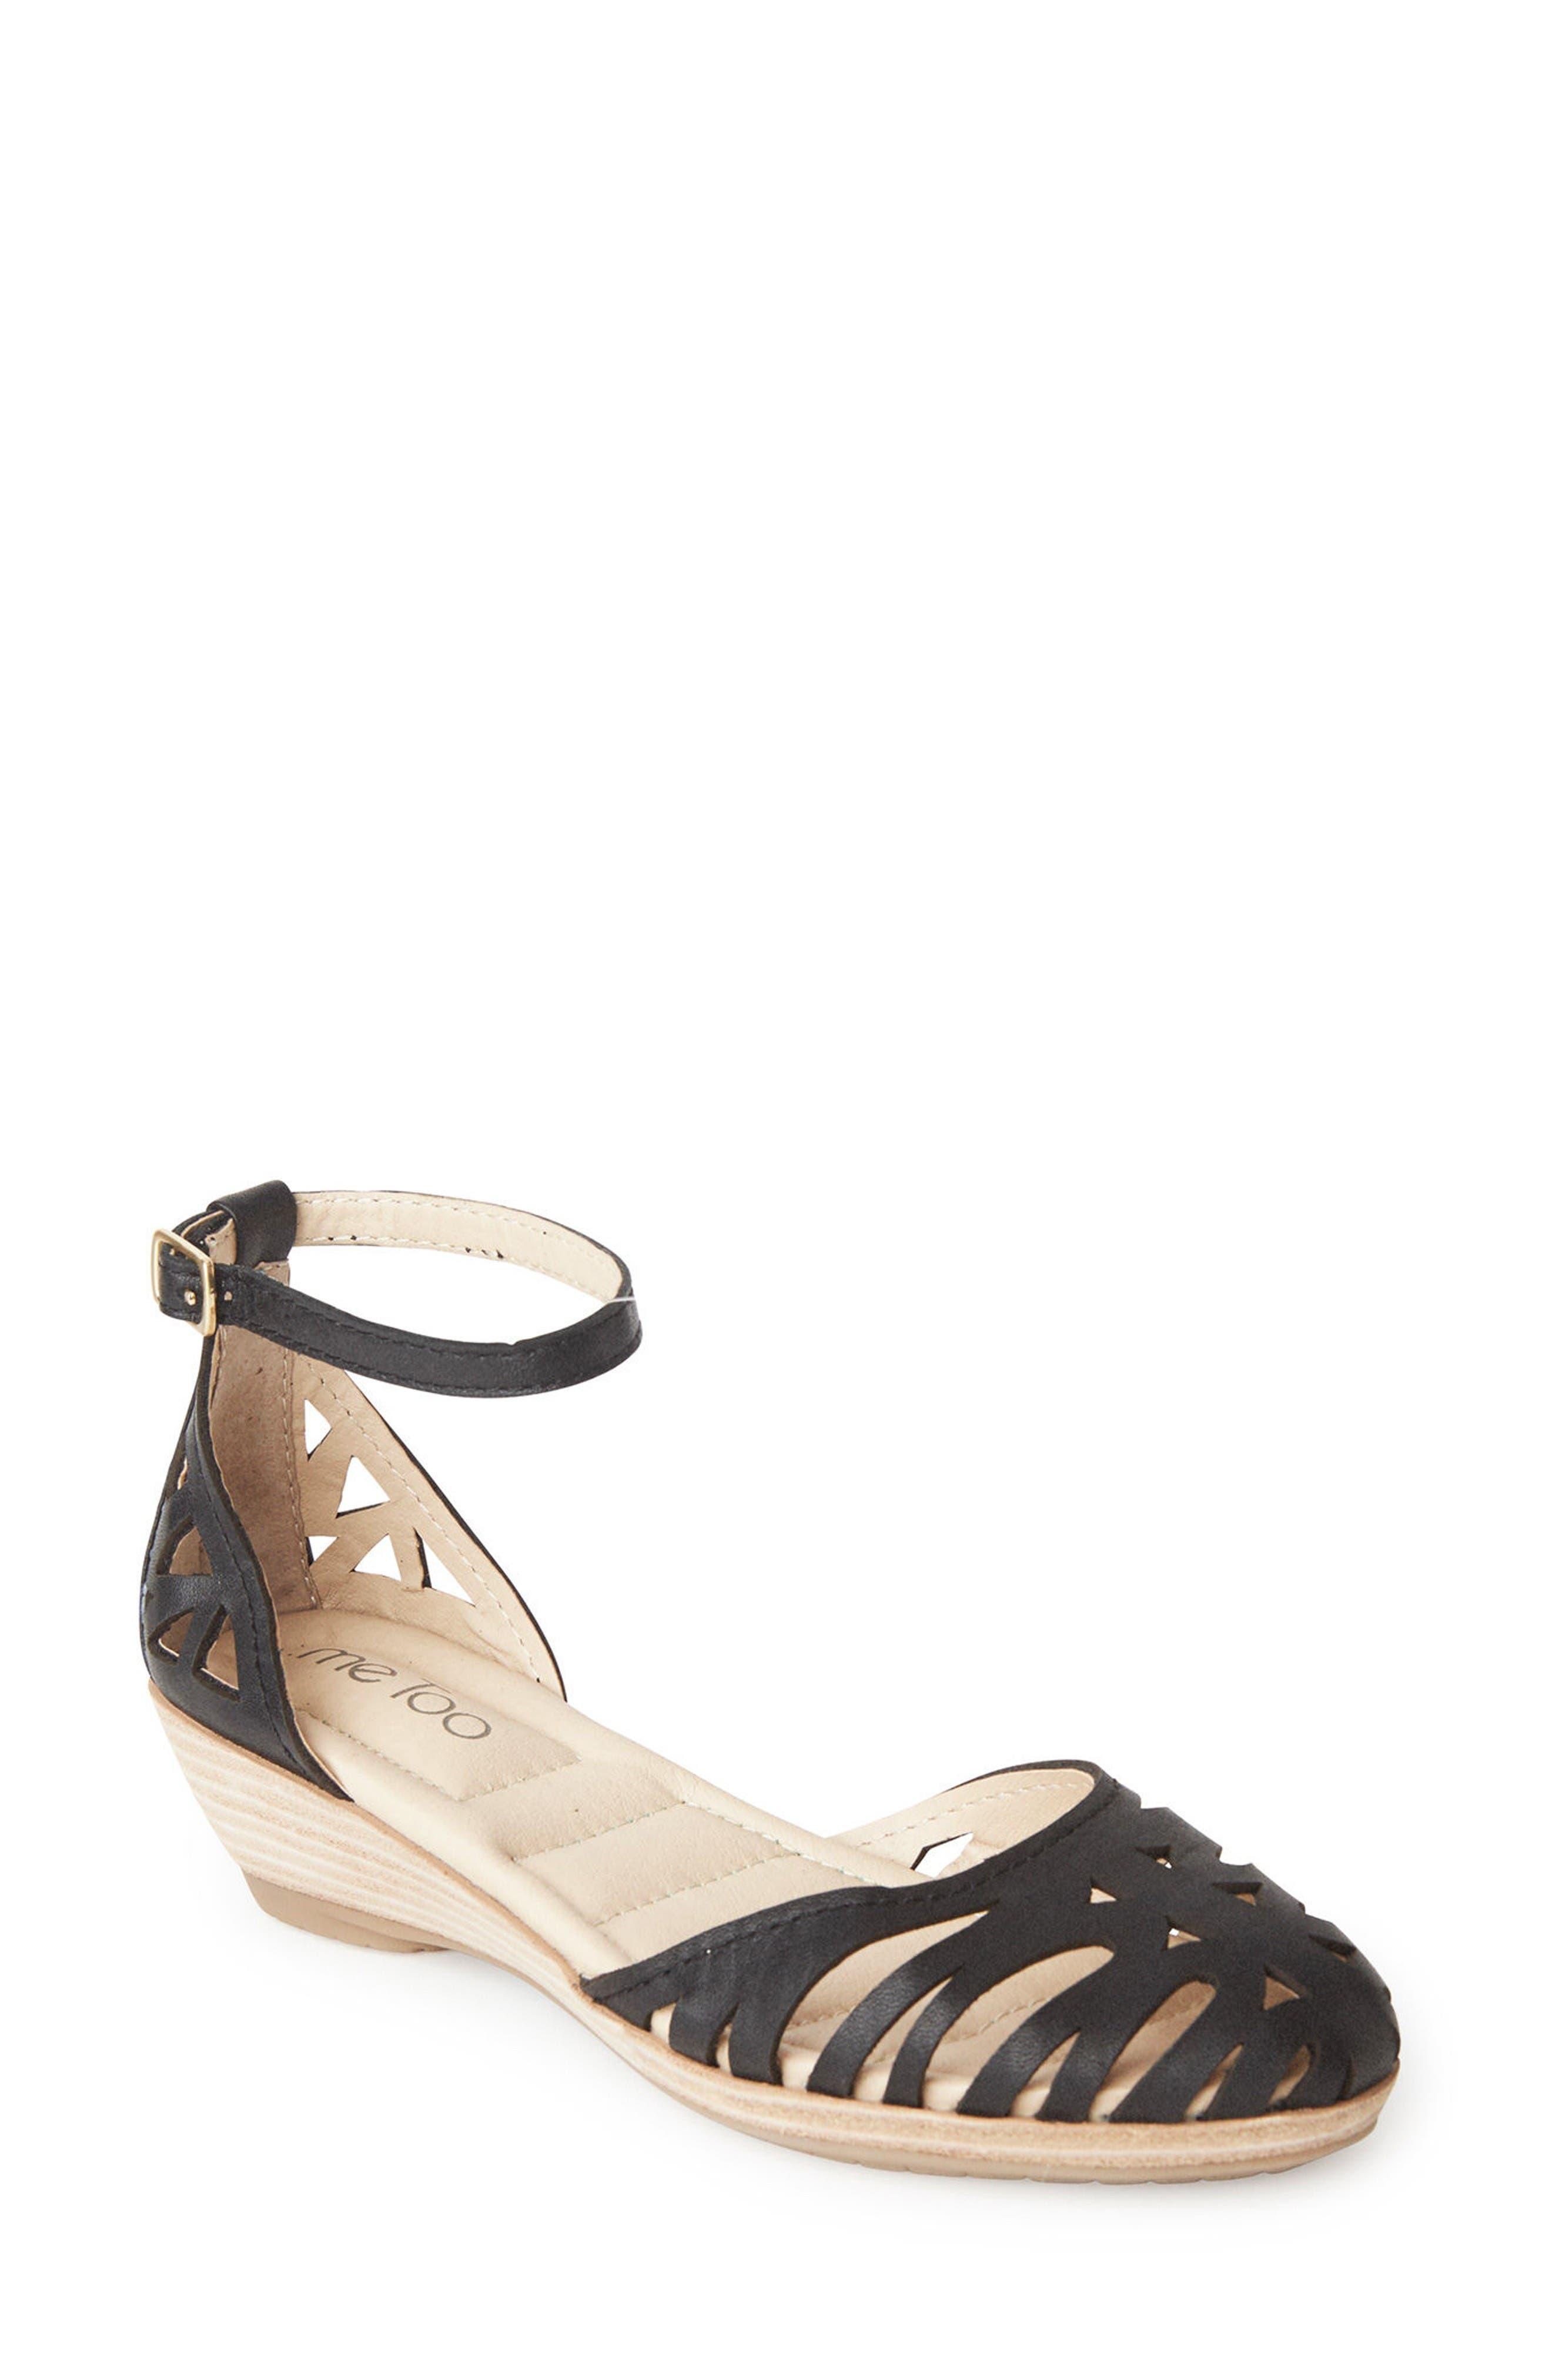 Nalani Ankle Strap Sandal,                             Main thumbnail 1, color,                             Black Leather